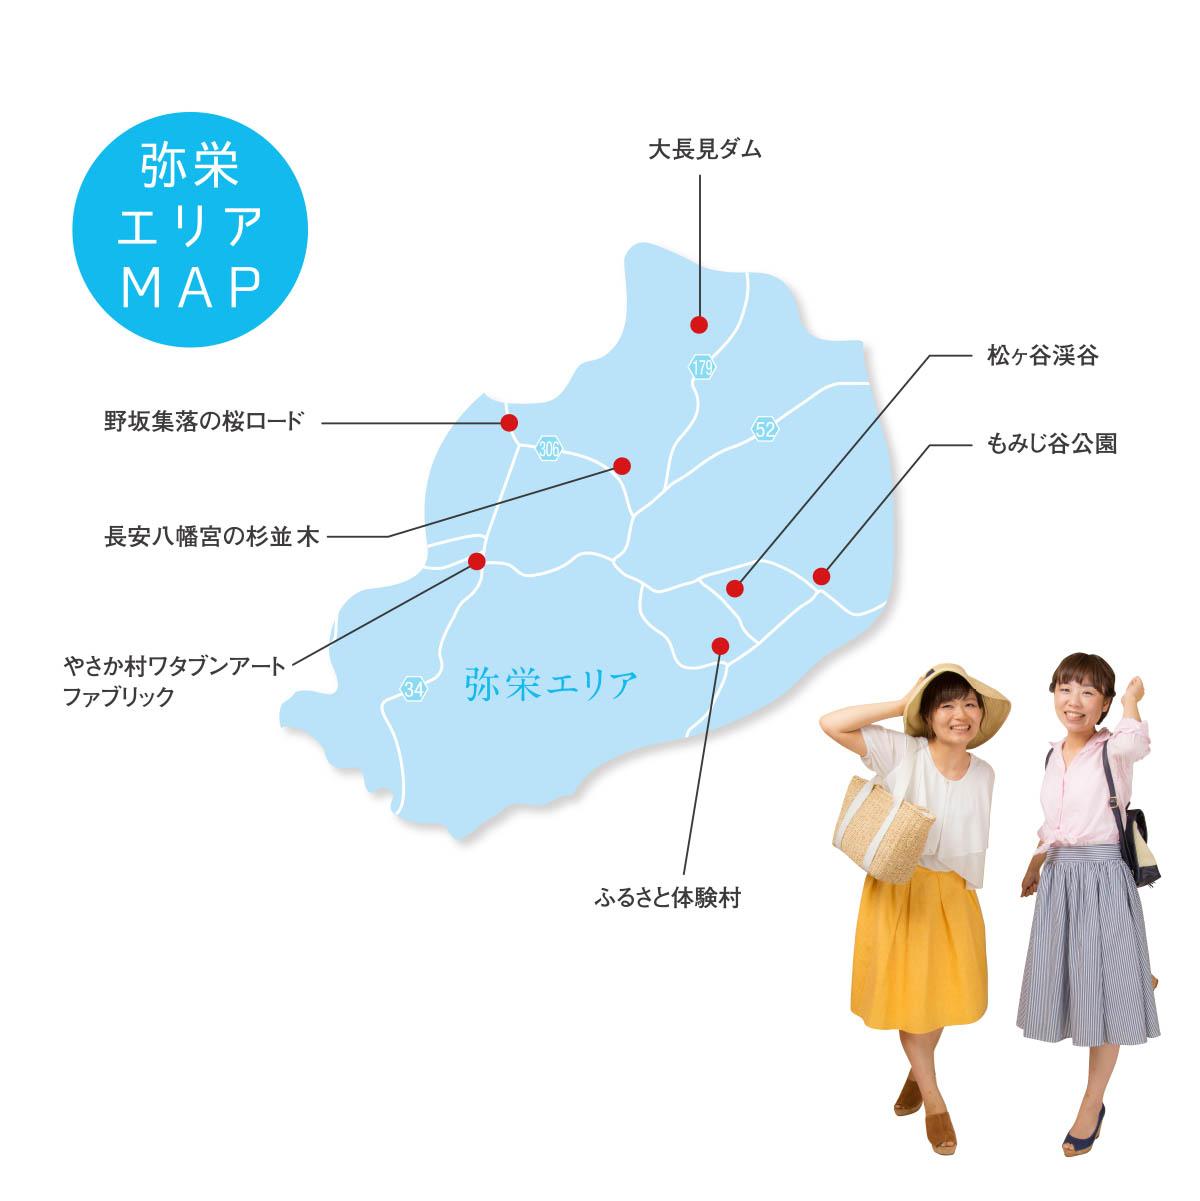 야사카 에리어 MAP